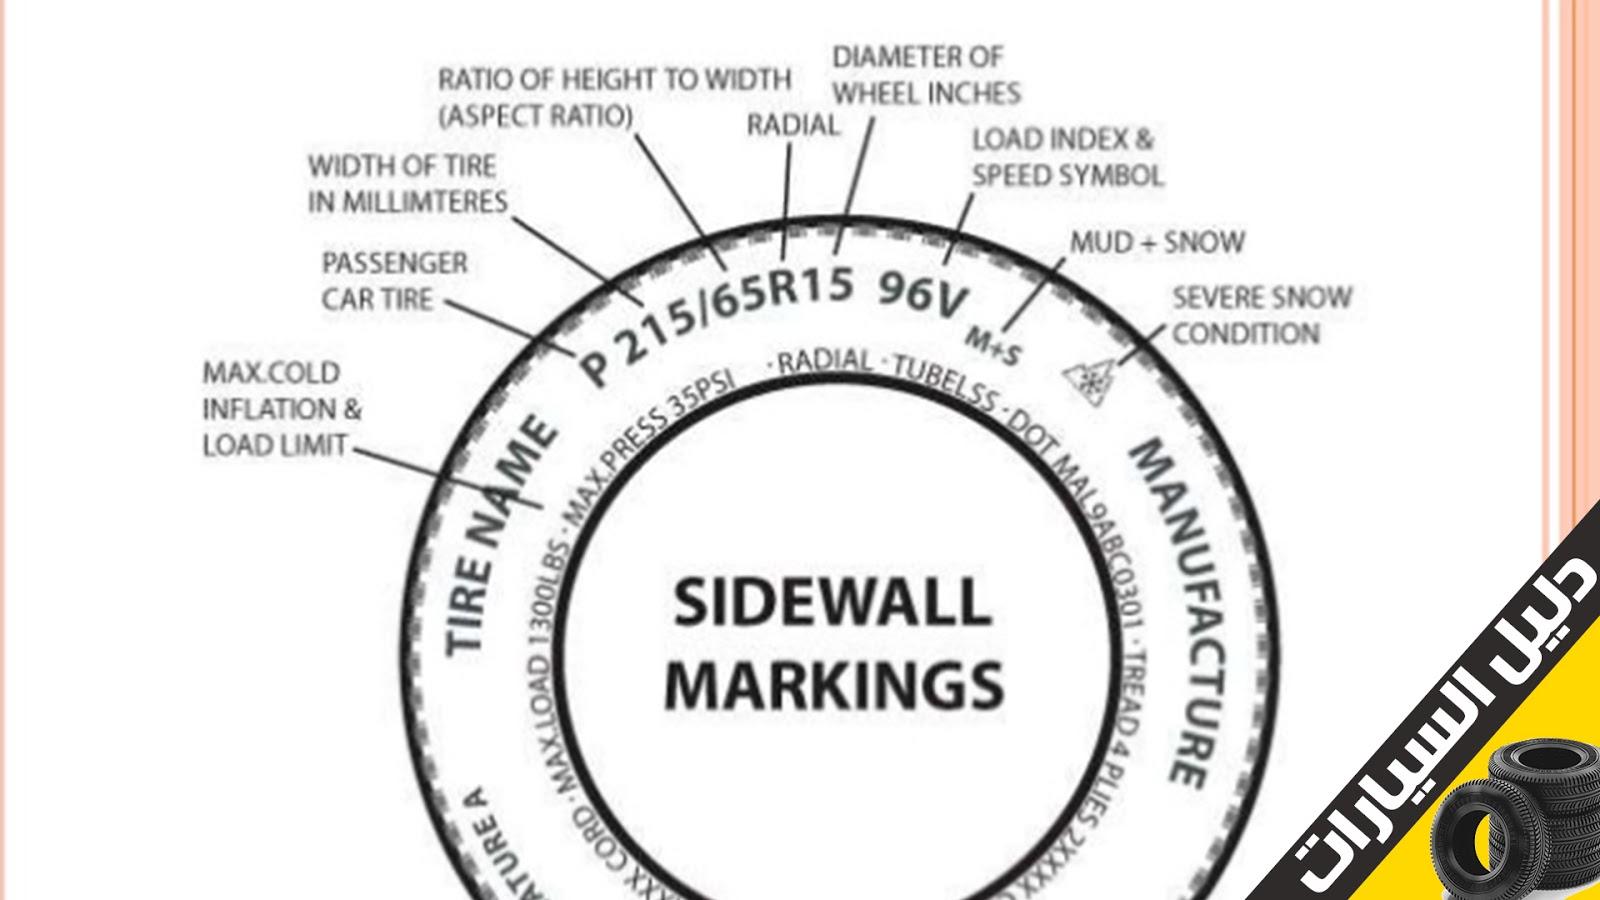 جدول مقاسات الإطارات